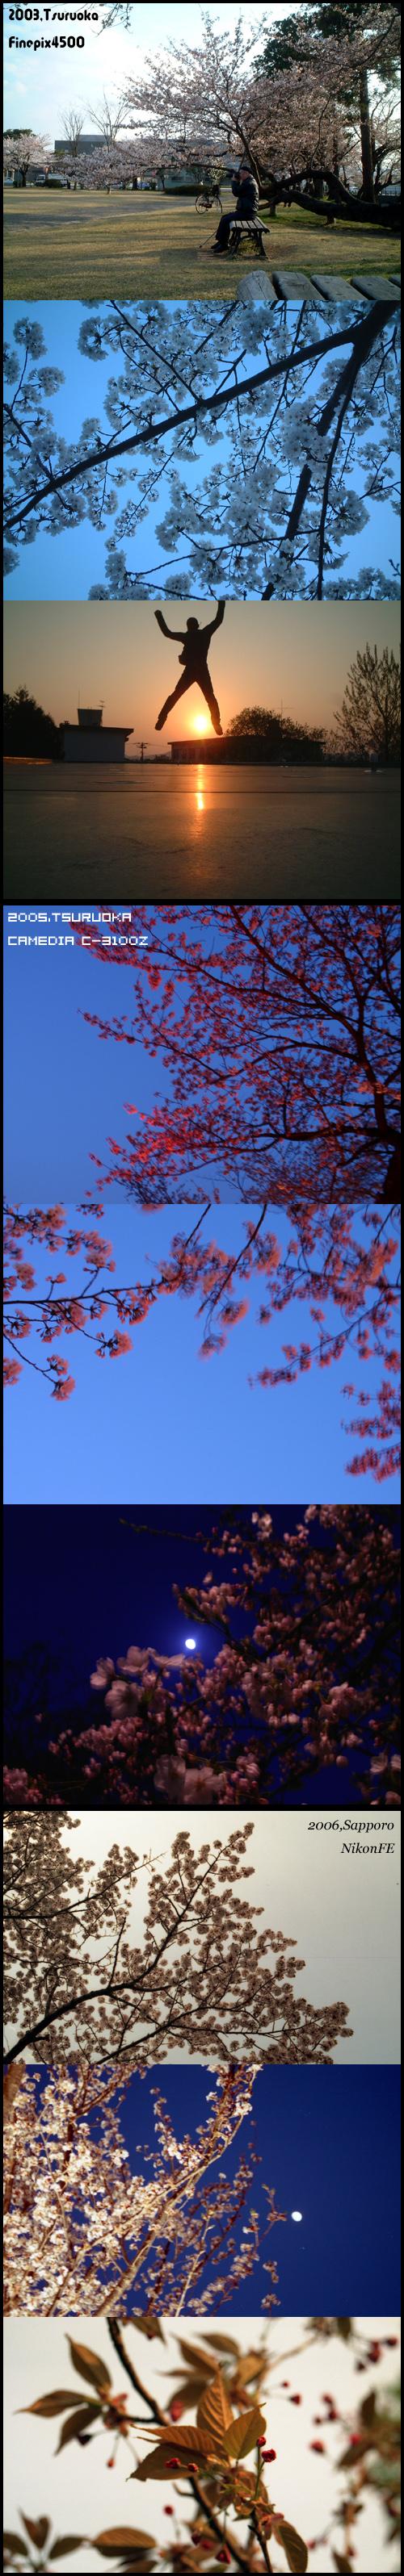 桜の季節にふり返る